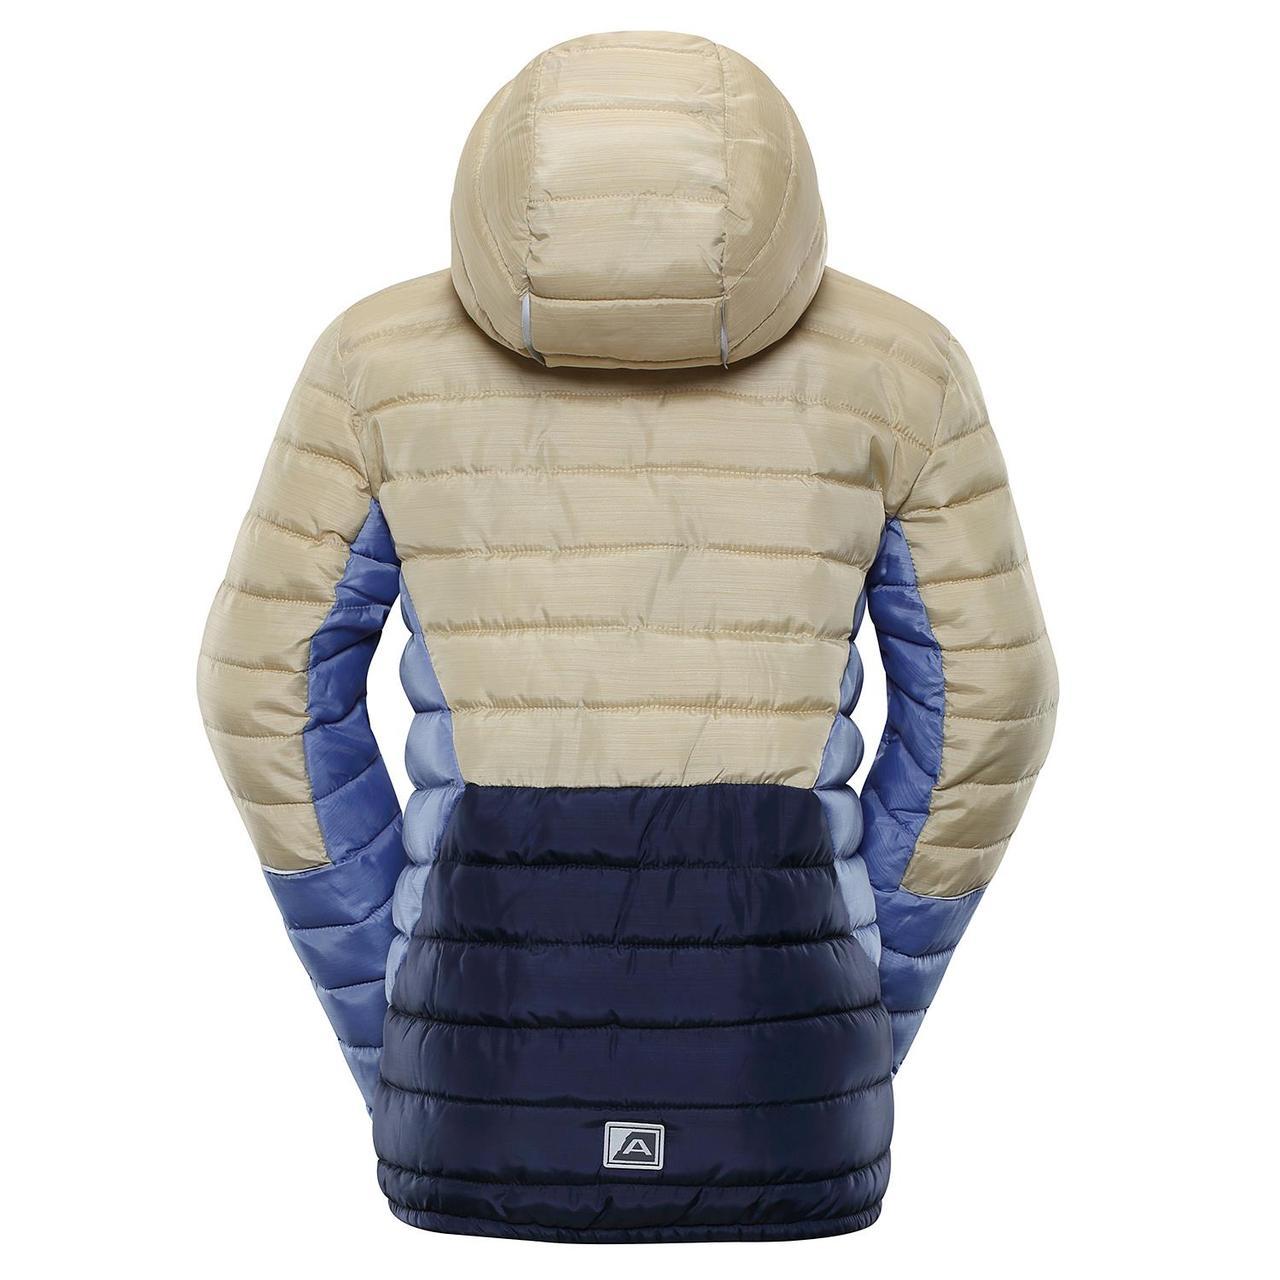 Куртка BARROKO 128-134, бежевый - фото 2